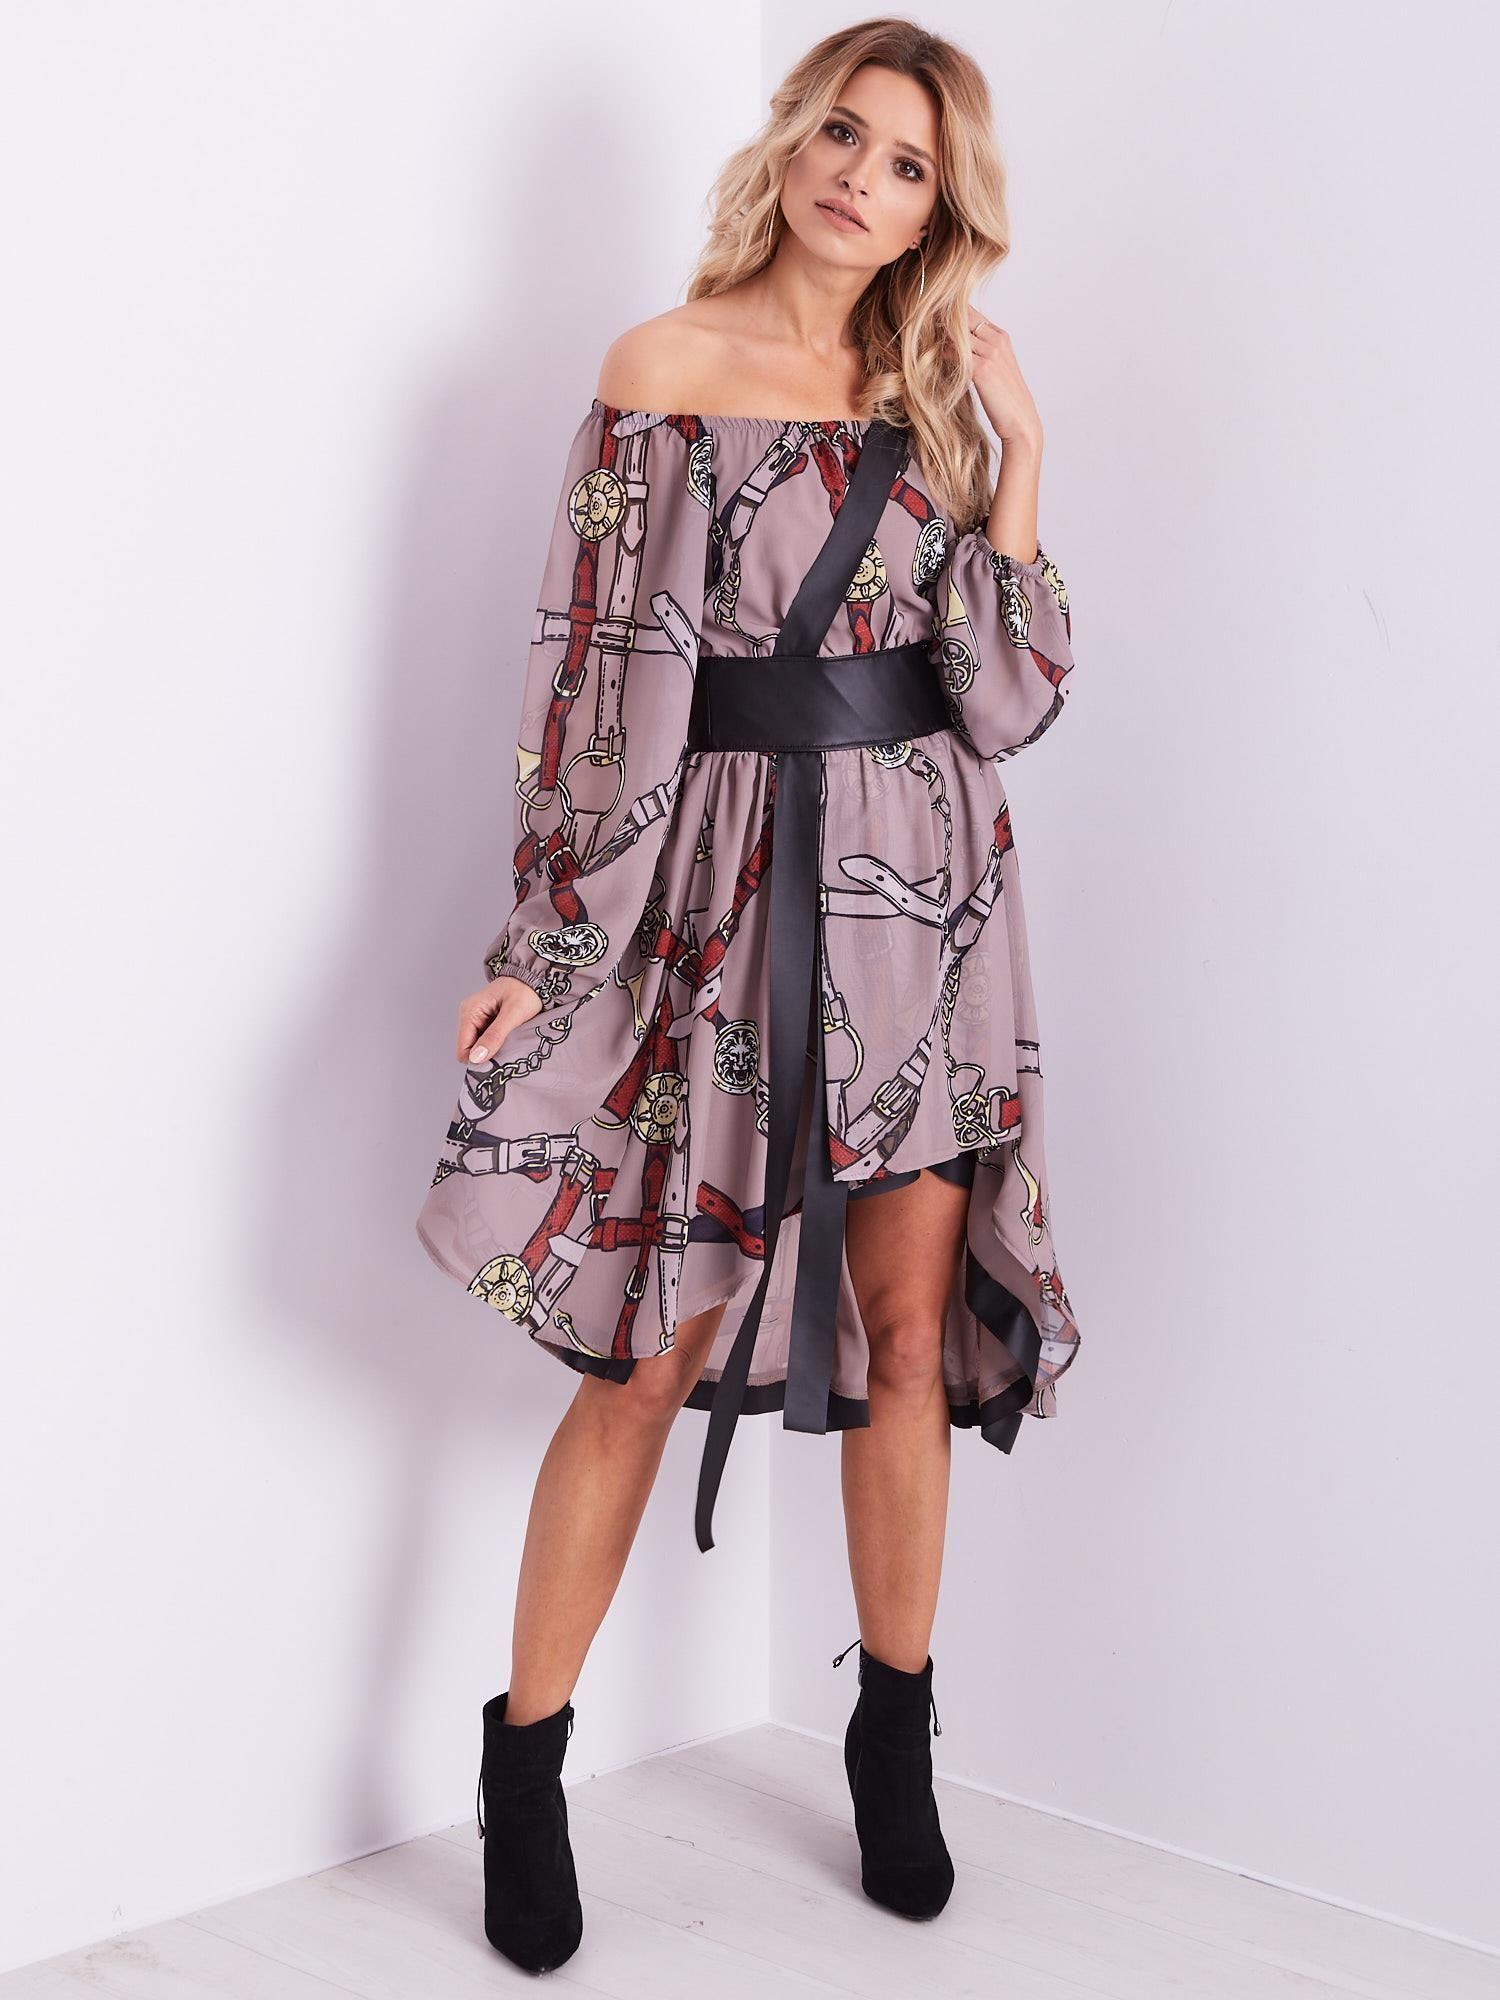 By O La La Bezowo Czerwona Sukienka Hiszpanka Z Nadrukiem Sukienka Na Co Dzien Sklep Ebutik Pl Fashion La Fashion Kimono Top